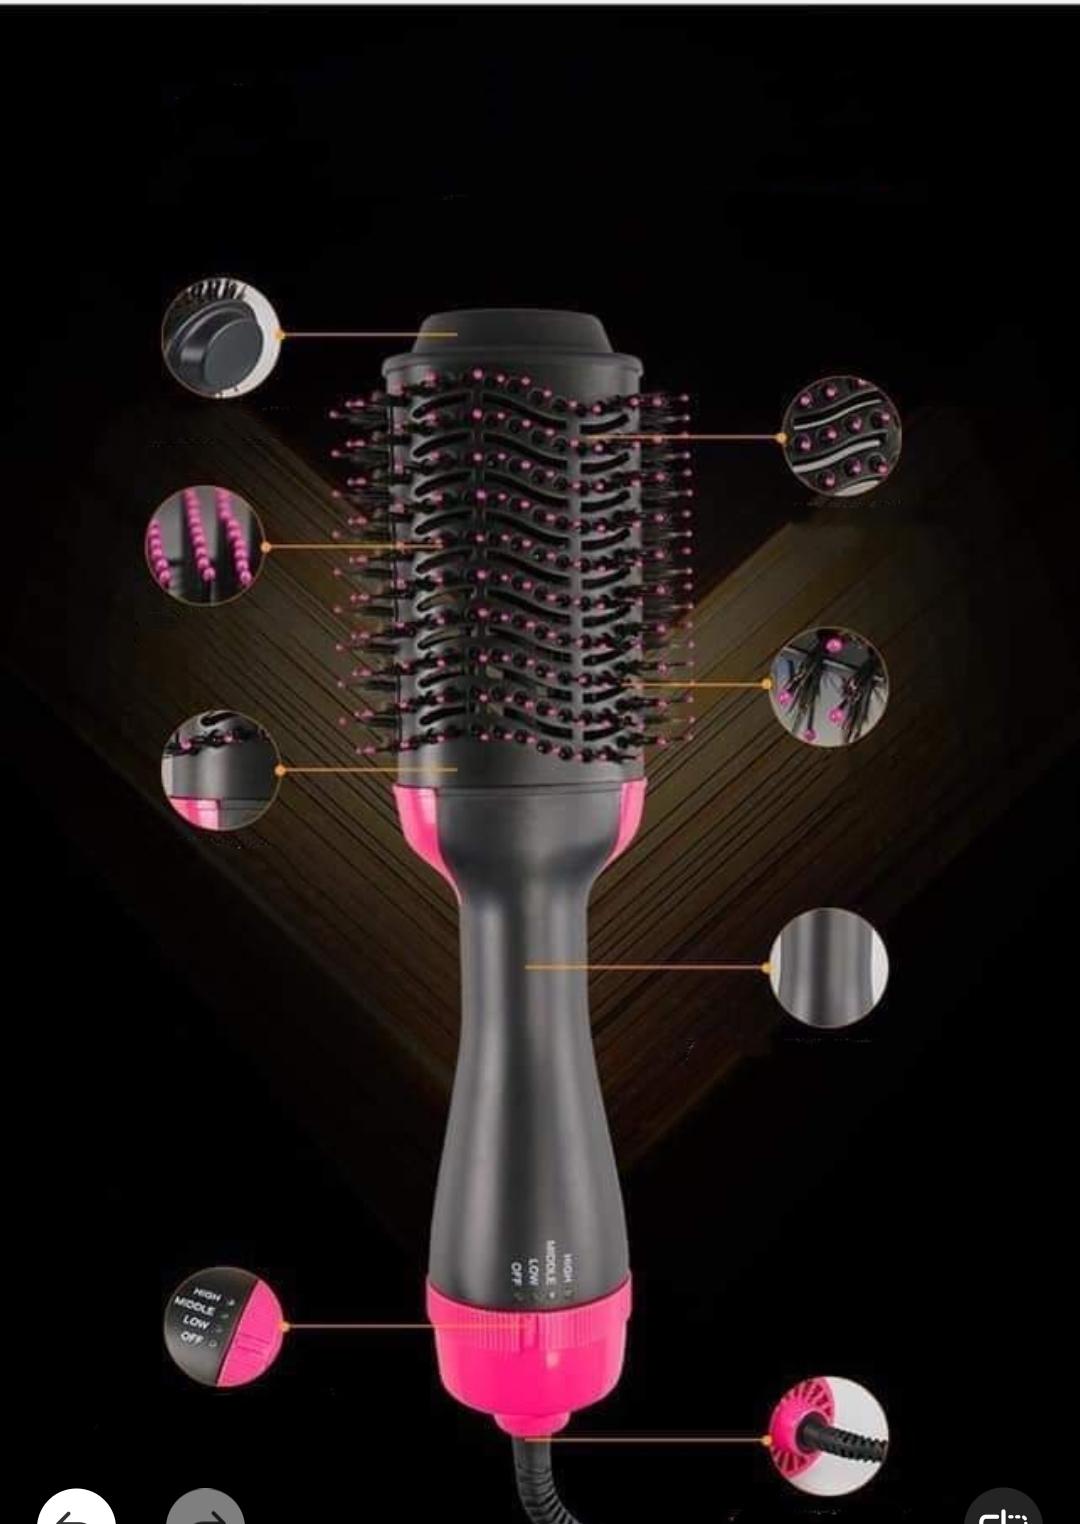 Máy uốn tóc đa năng tạo độ xoăn có sấy khí 3 in1 tặng kèm dây buộc tóc đính đá ( hình ngẫu nhiên) 9